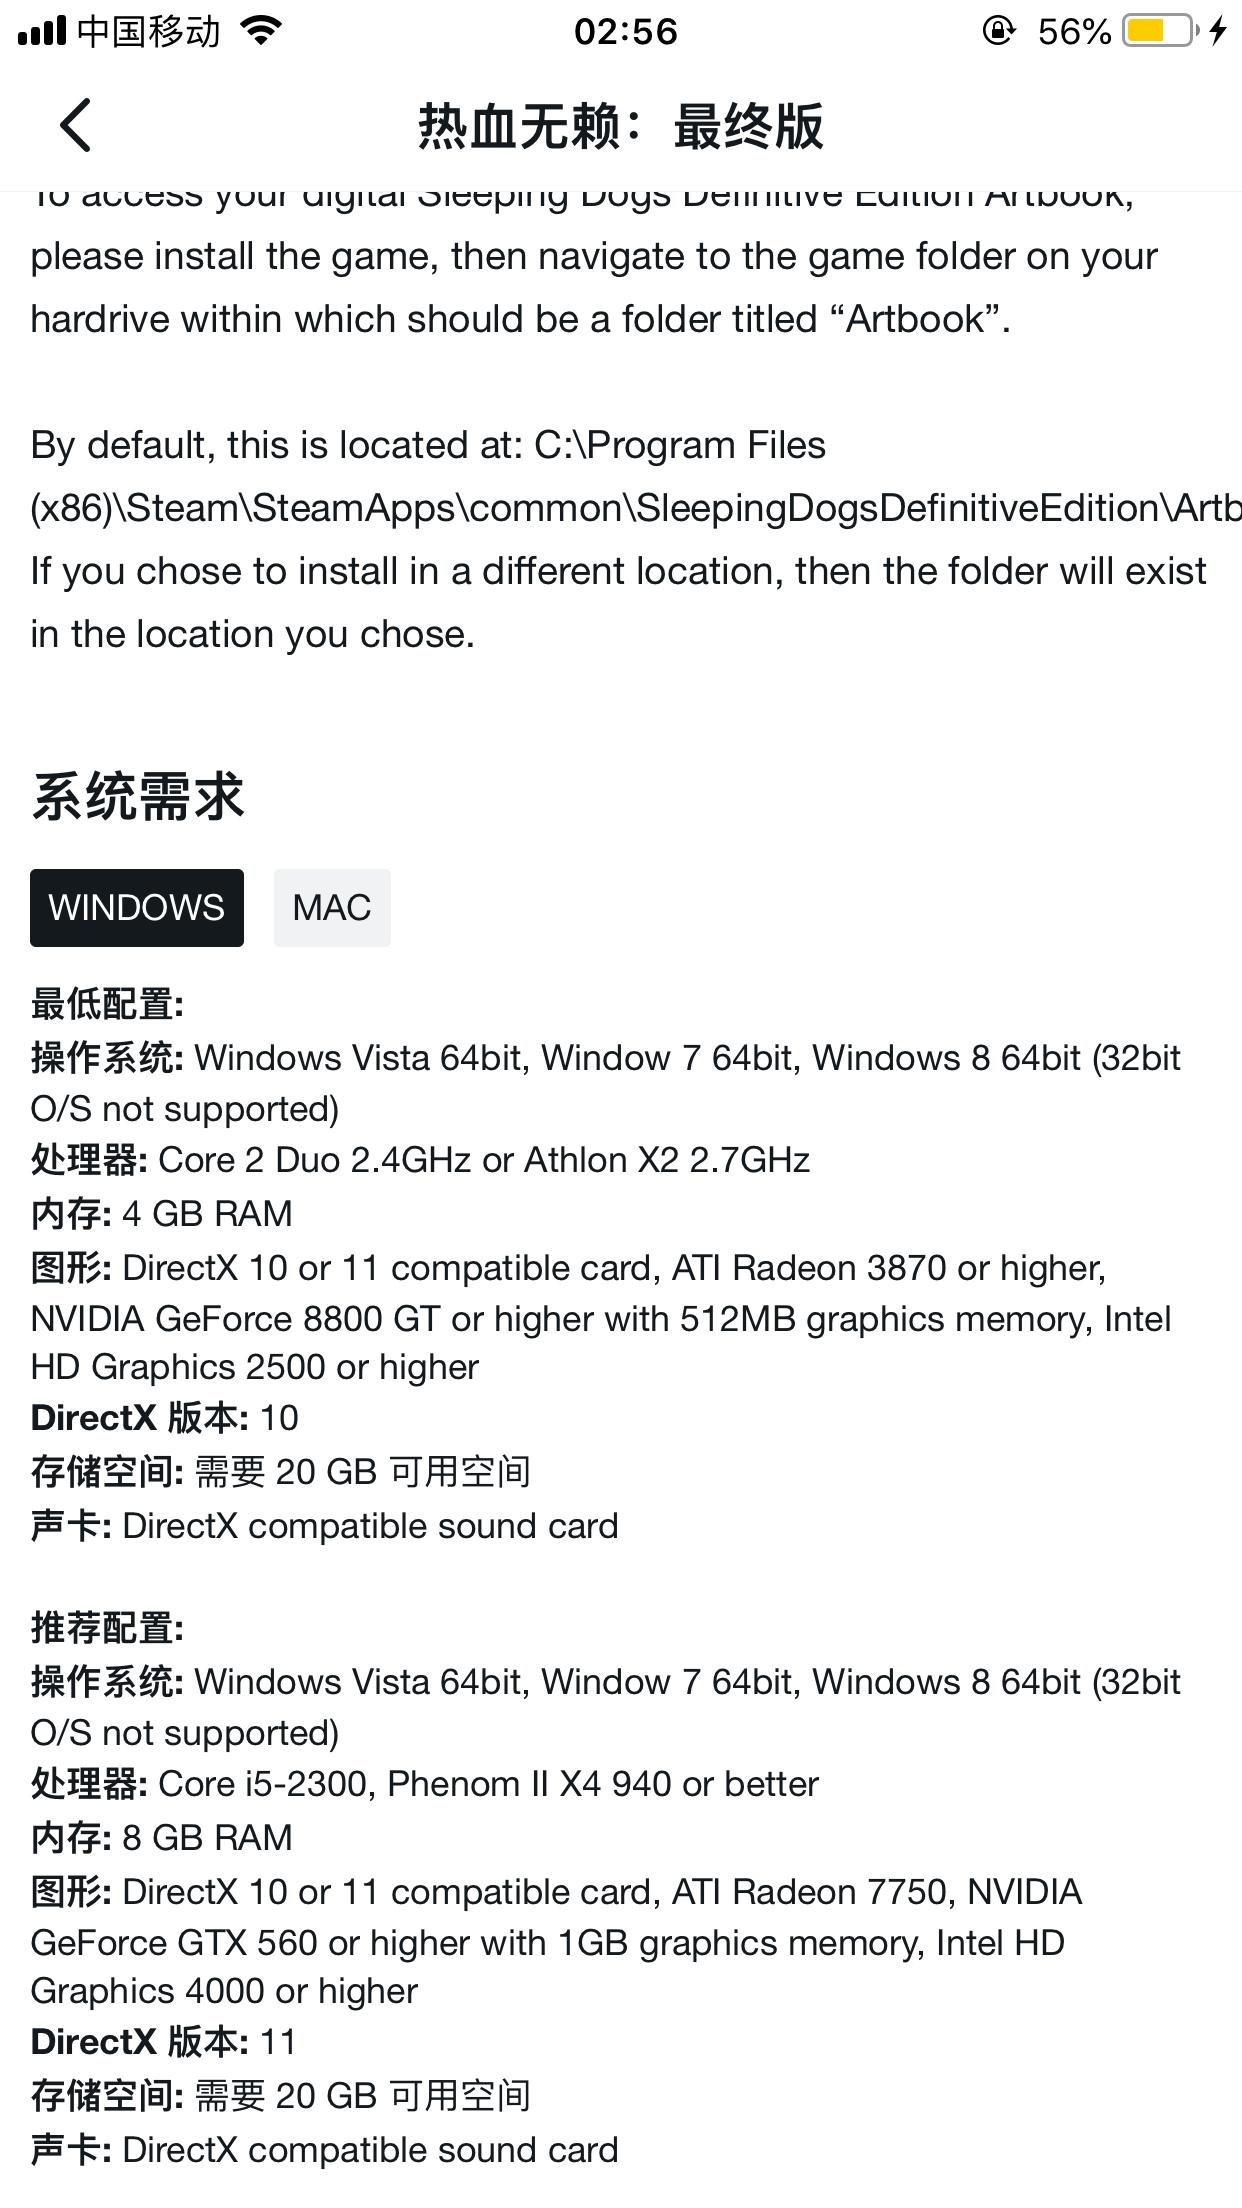 黑白中文第一次给了老哥26p_那就来玩玩热血无赖吧,由于游戏不支持中文待会把汉化教程发到下面